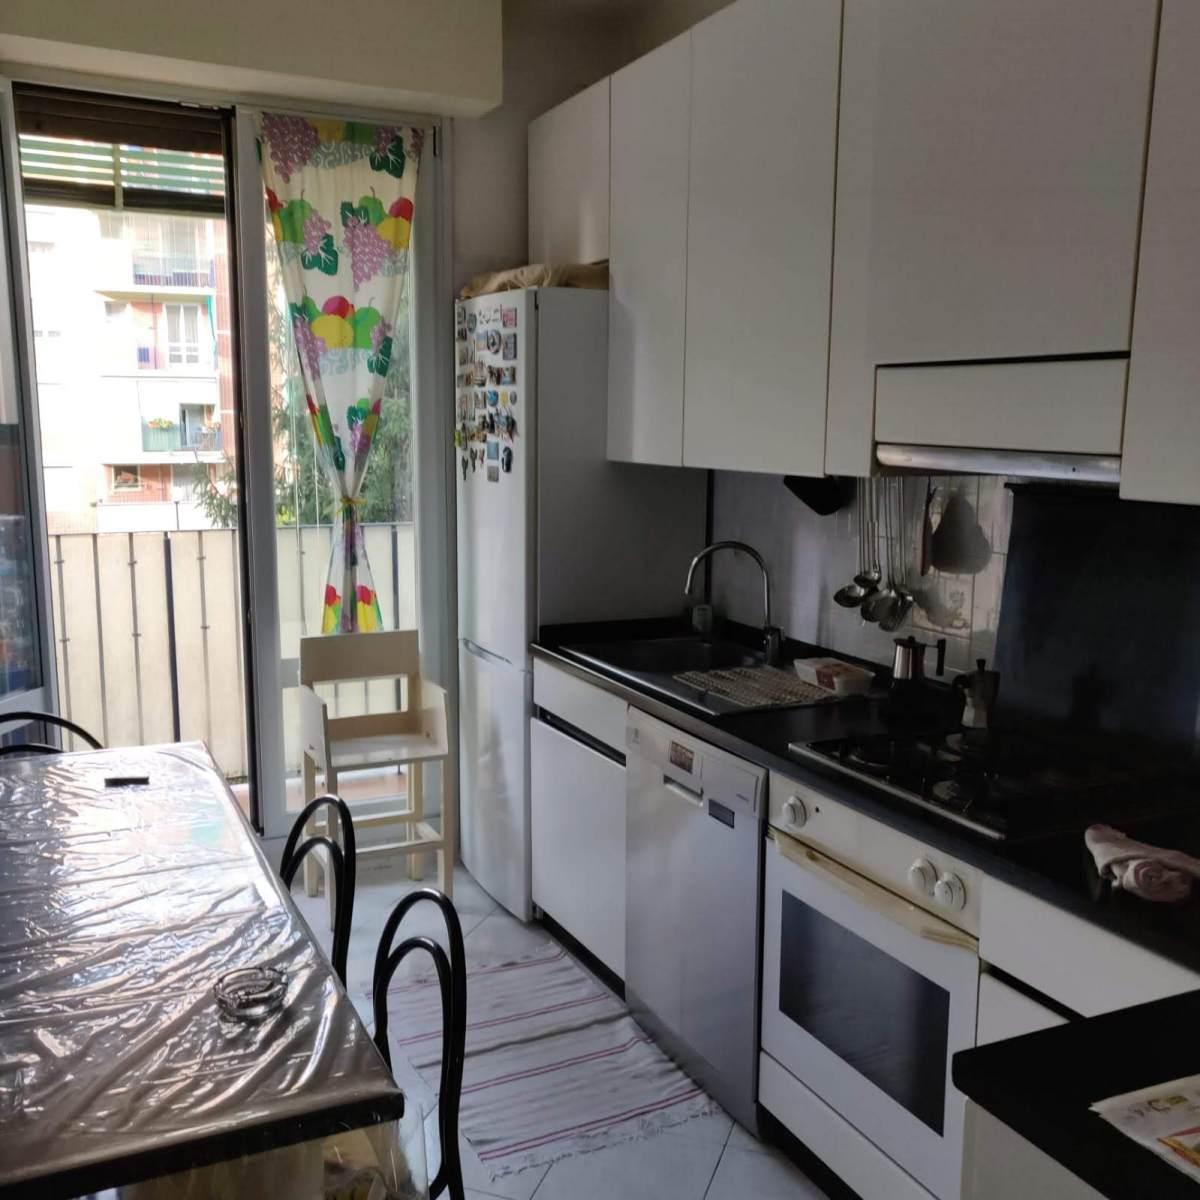 appartamento-in-vendita-milano-quartiere-olmi-milano-baggio-spaziourbano-immobiliare-vende-15